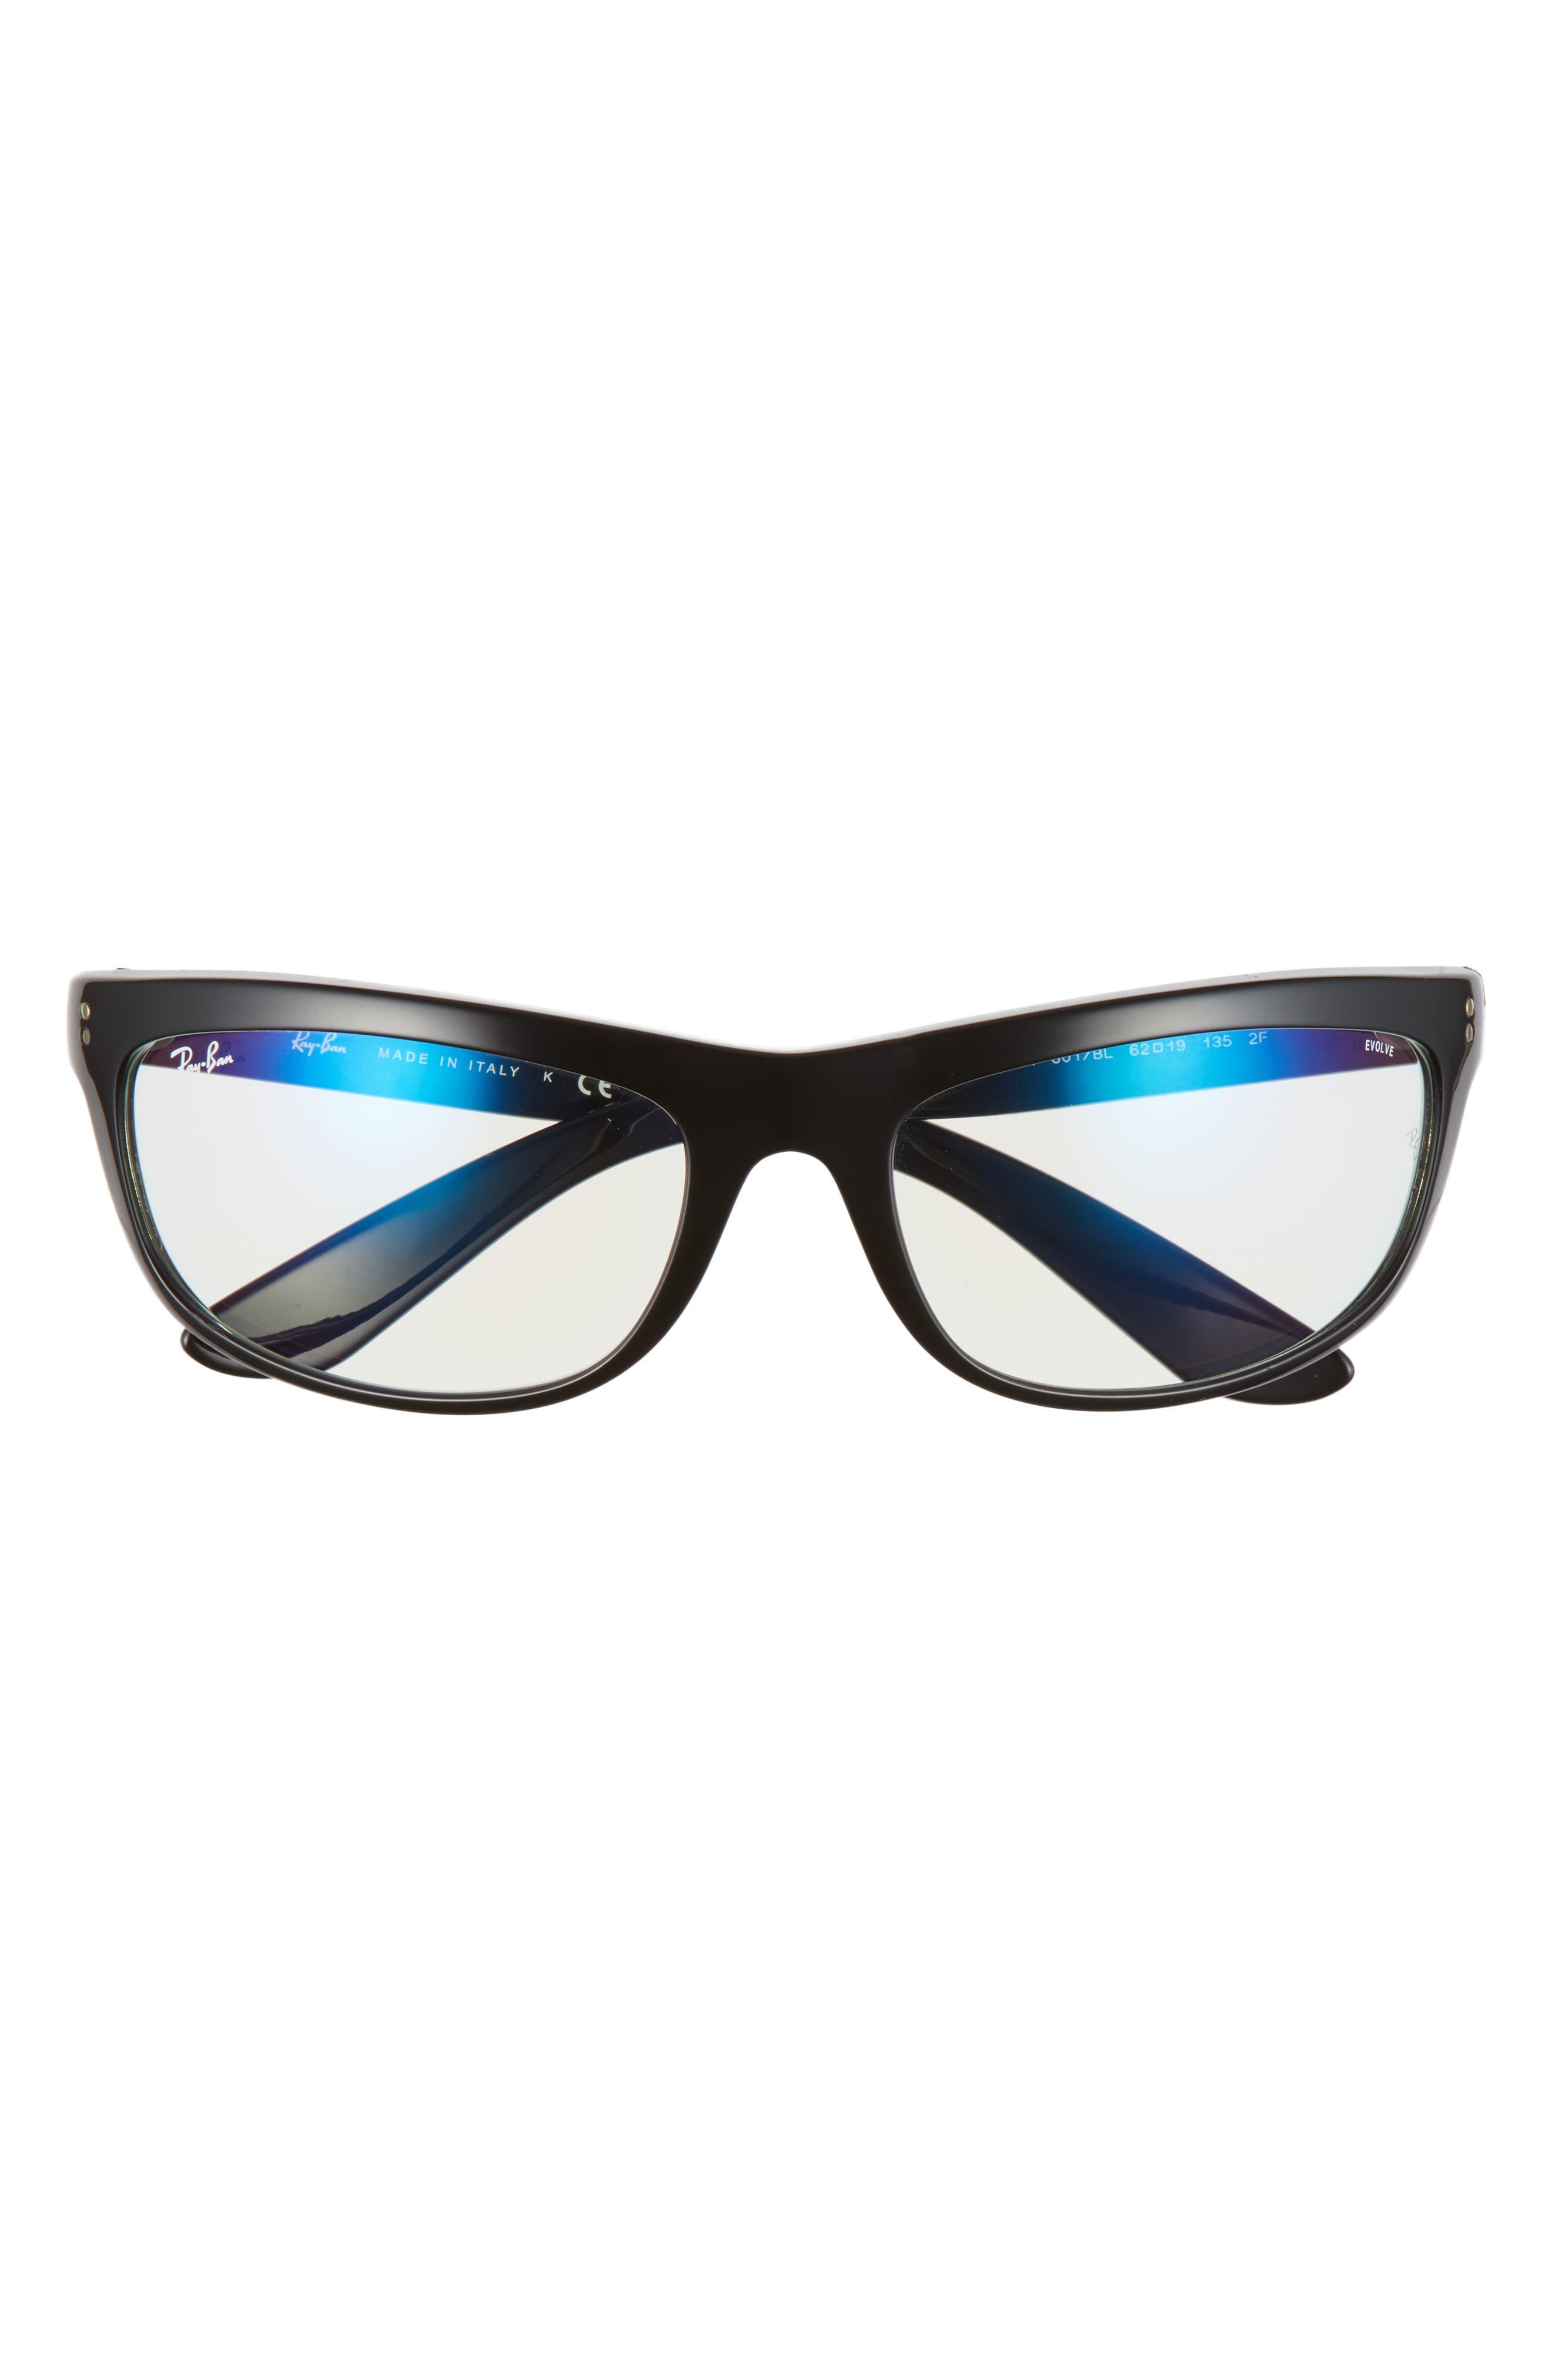 Image of Ray-Ban Balorama Blue Light Blocking 62mm Oversize Optical Glasses